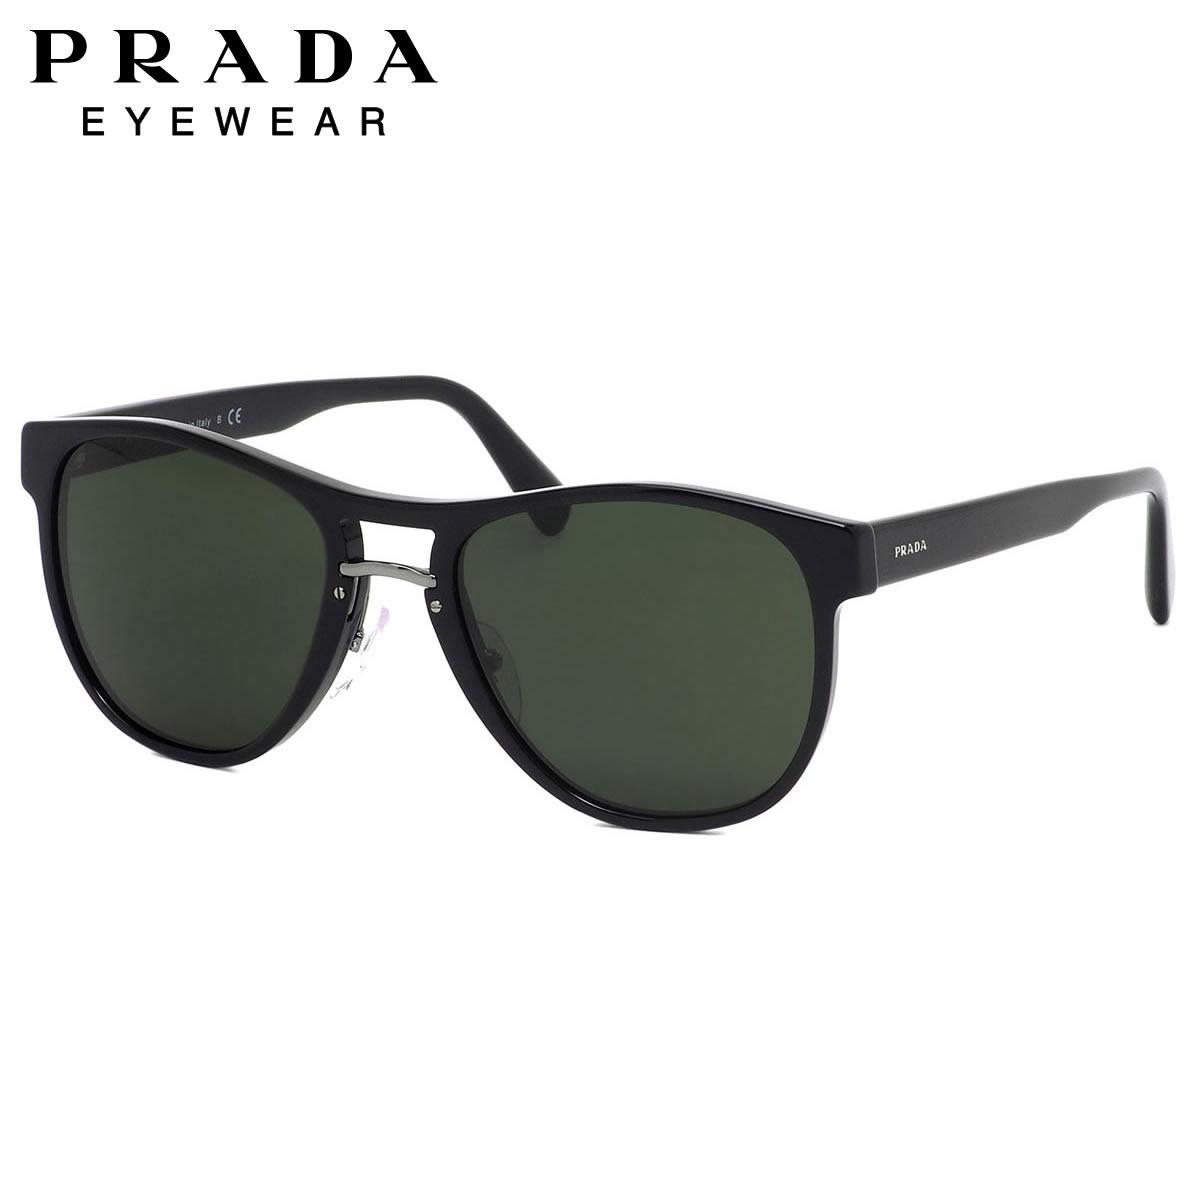 【10月30日からエントリーで全品ポイント20倍】プラダ PRADA サングラスPR09US 1AB1I0 55サイズウエリントン ダブルブリッジ ツーブリッジ モード ノーブルプラダ PRADA メンズ レディース